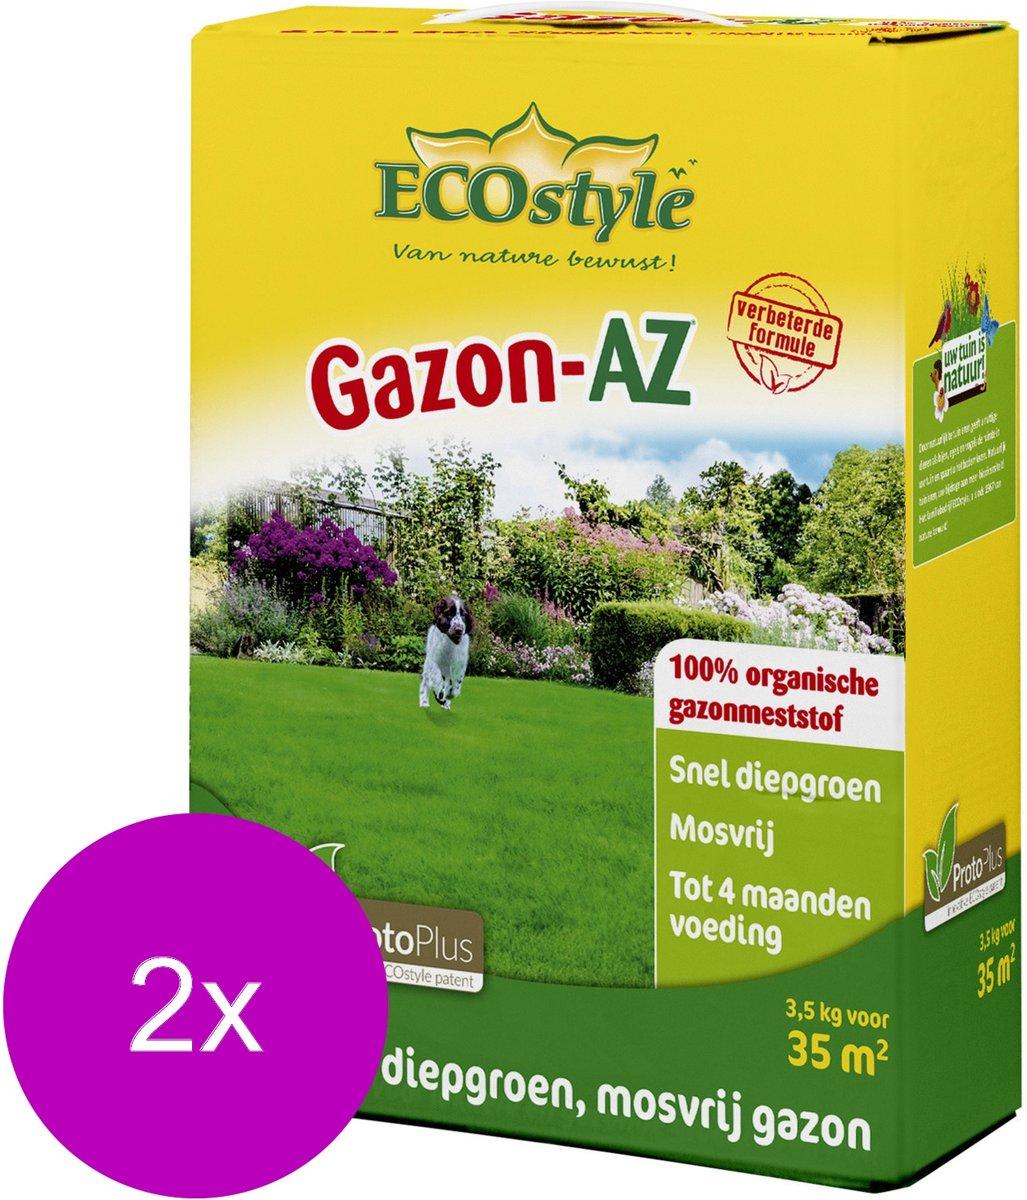 Ecostyle Gazon-Az 35 m2 - Gazonmeststoffen - 2 x 3.5 kg kopen